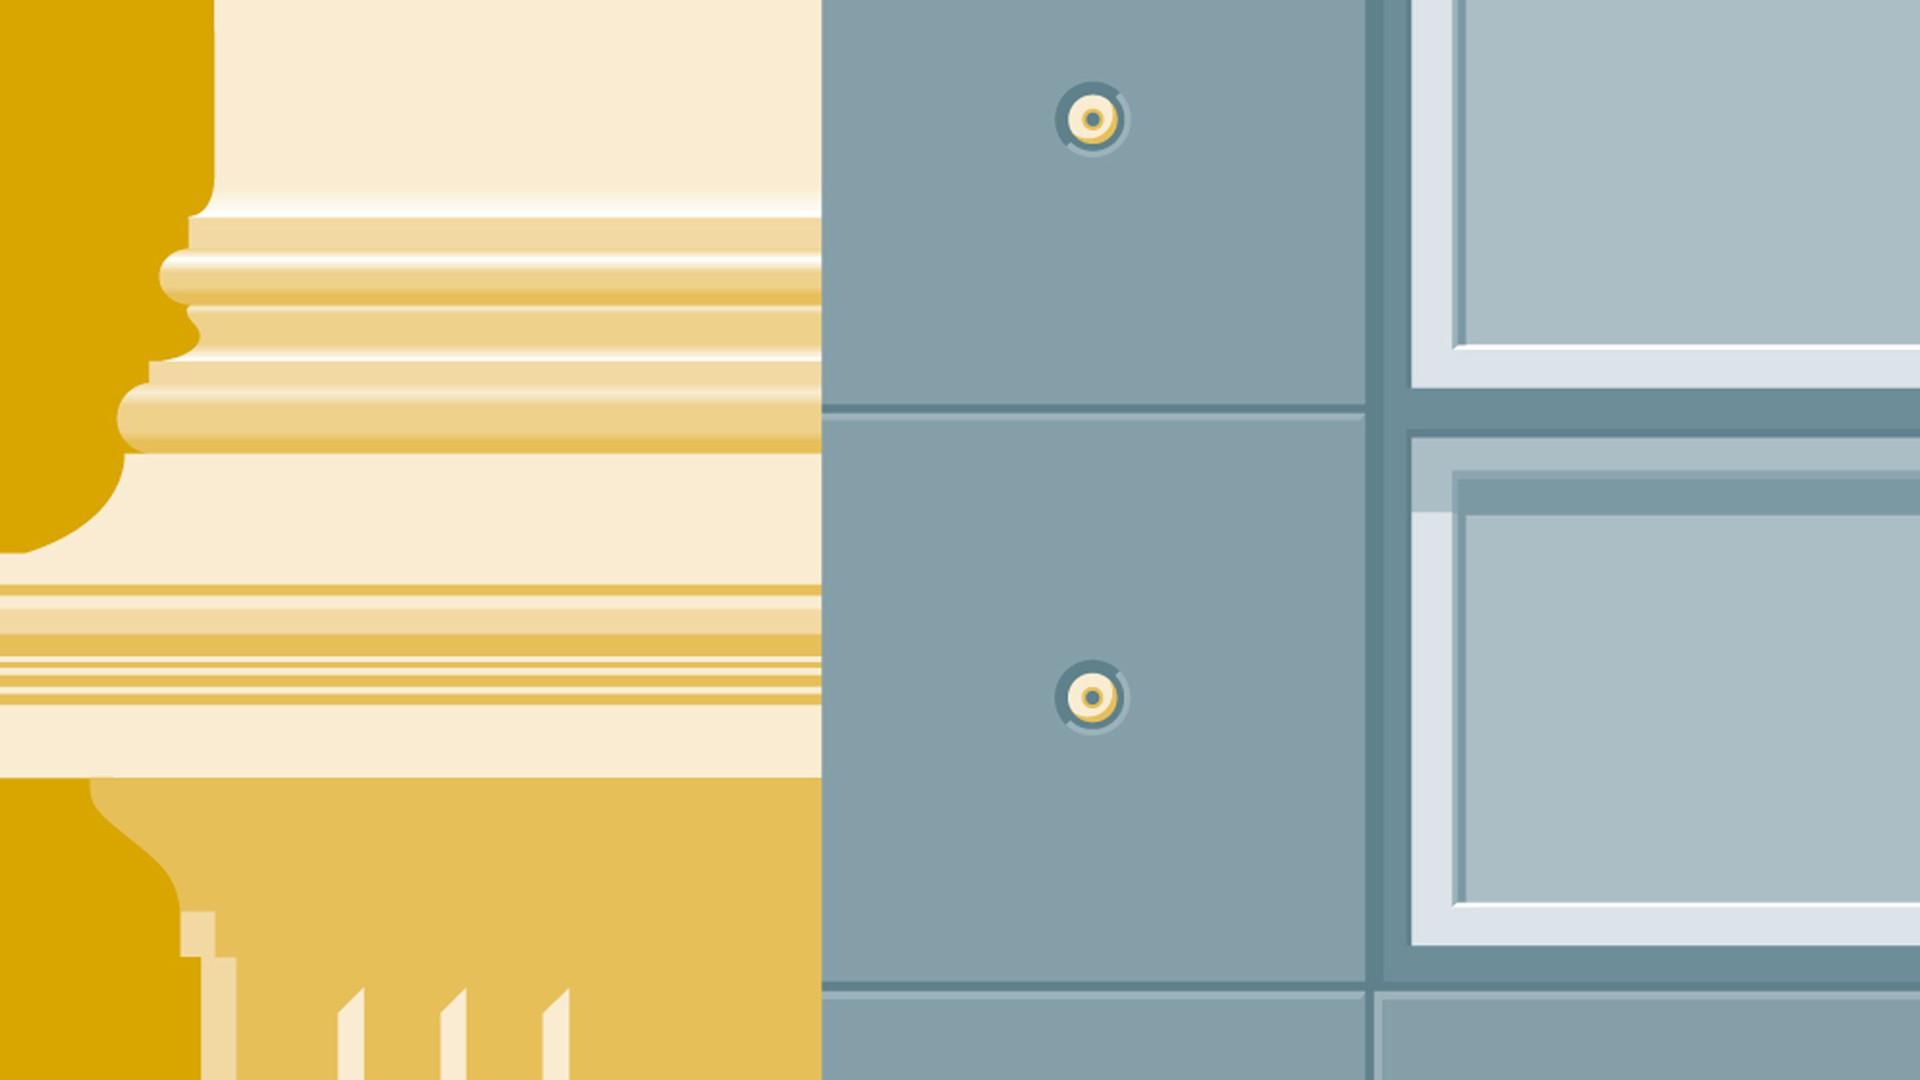 Ausschnitt aus einem Plakat der Reihe »Berliner Architekturgespräche«